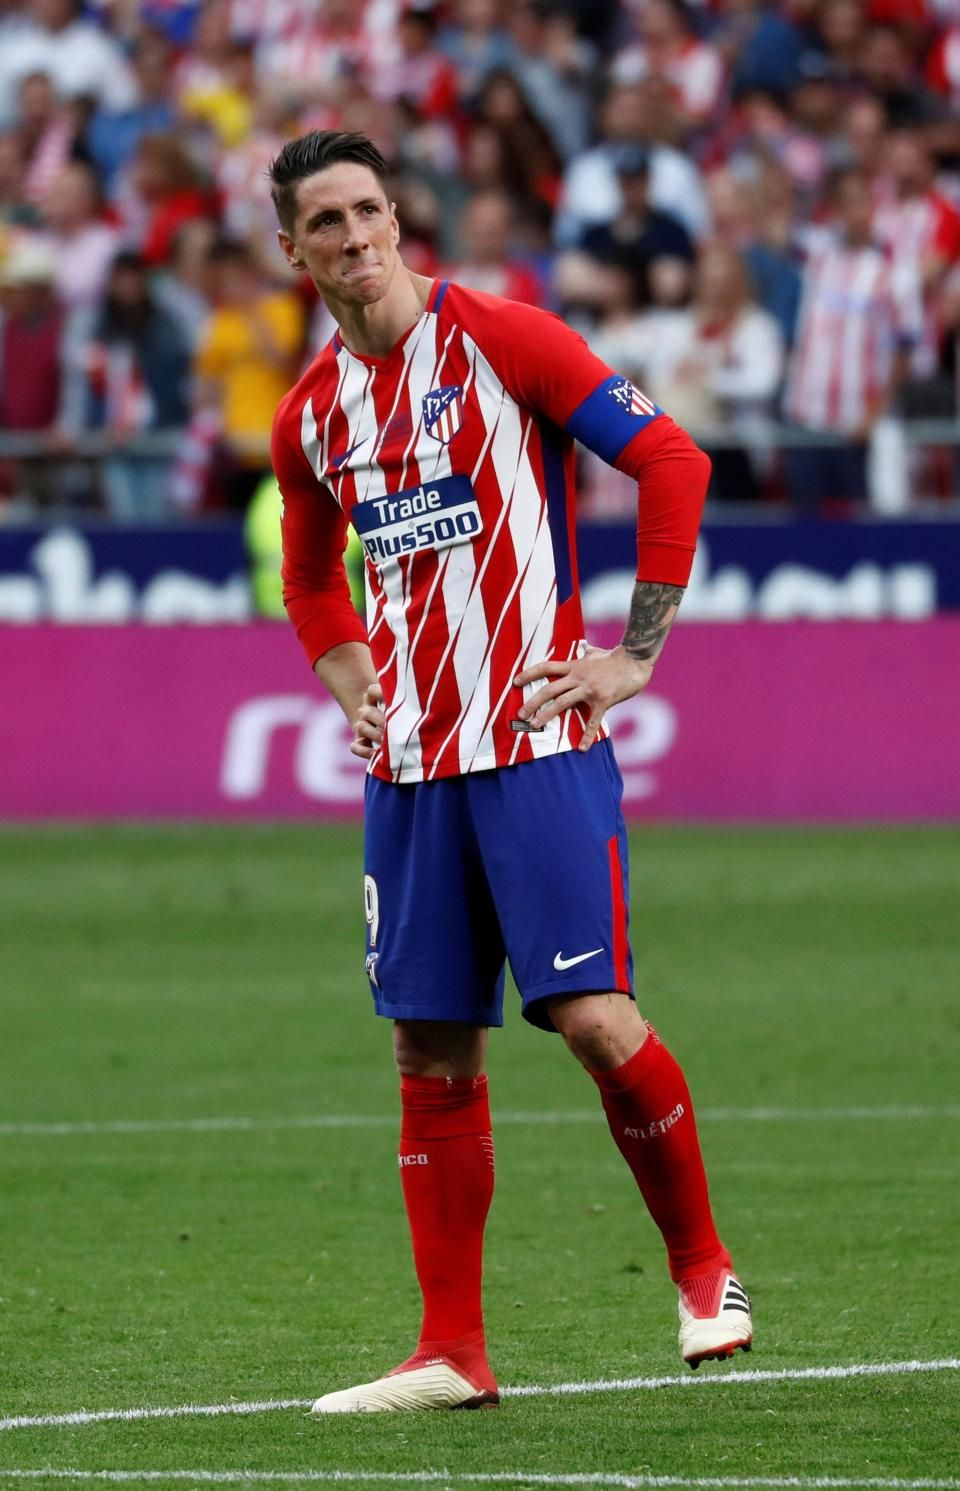 Kết quả hình ảnh cho torres atletico madrid